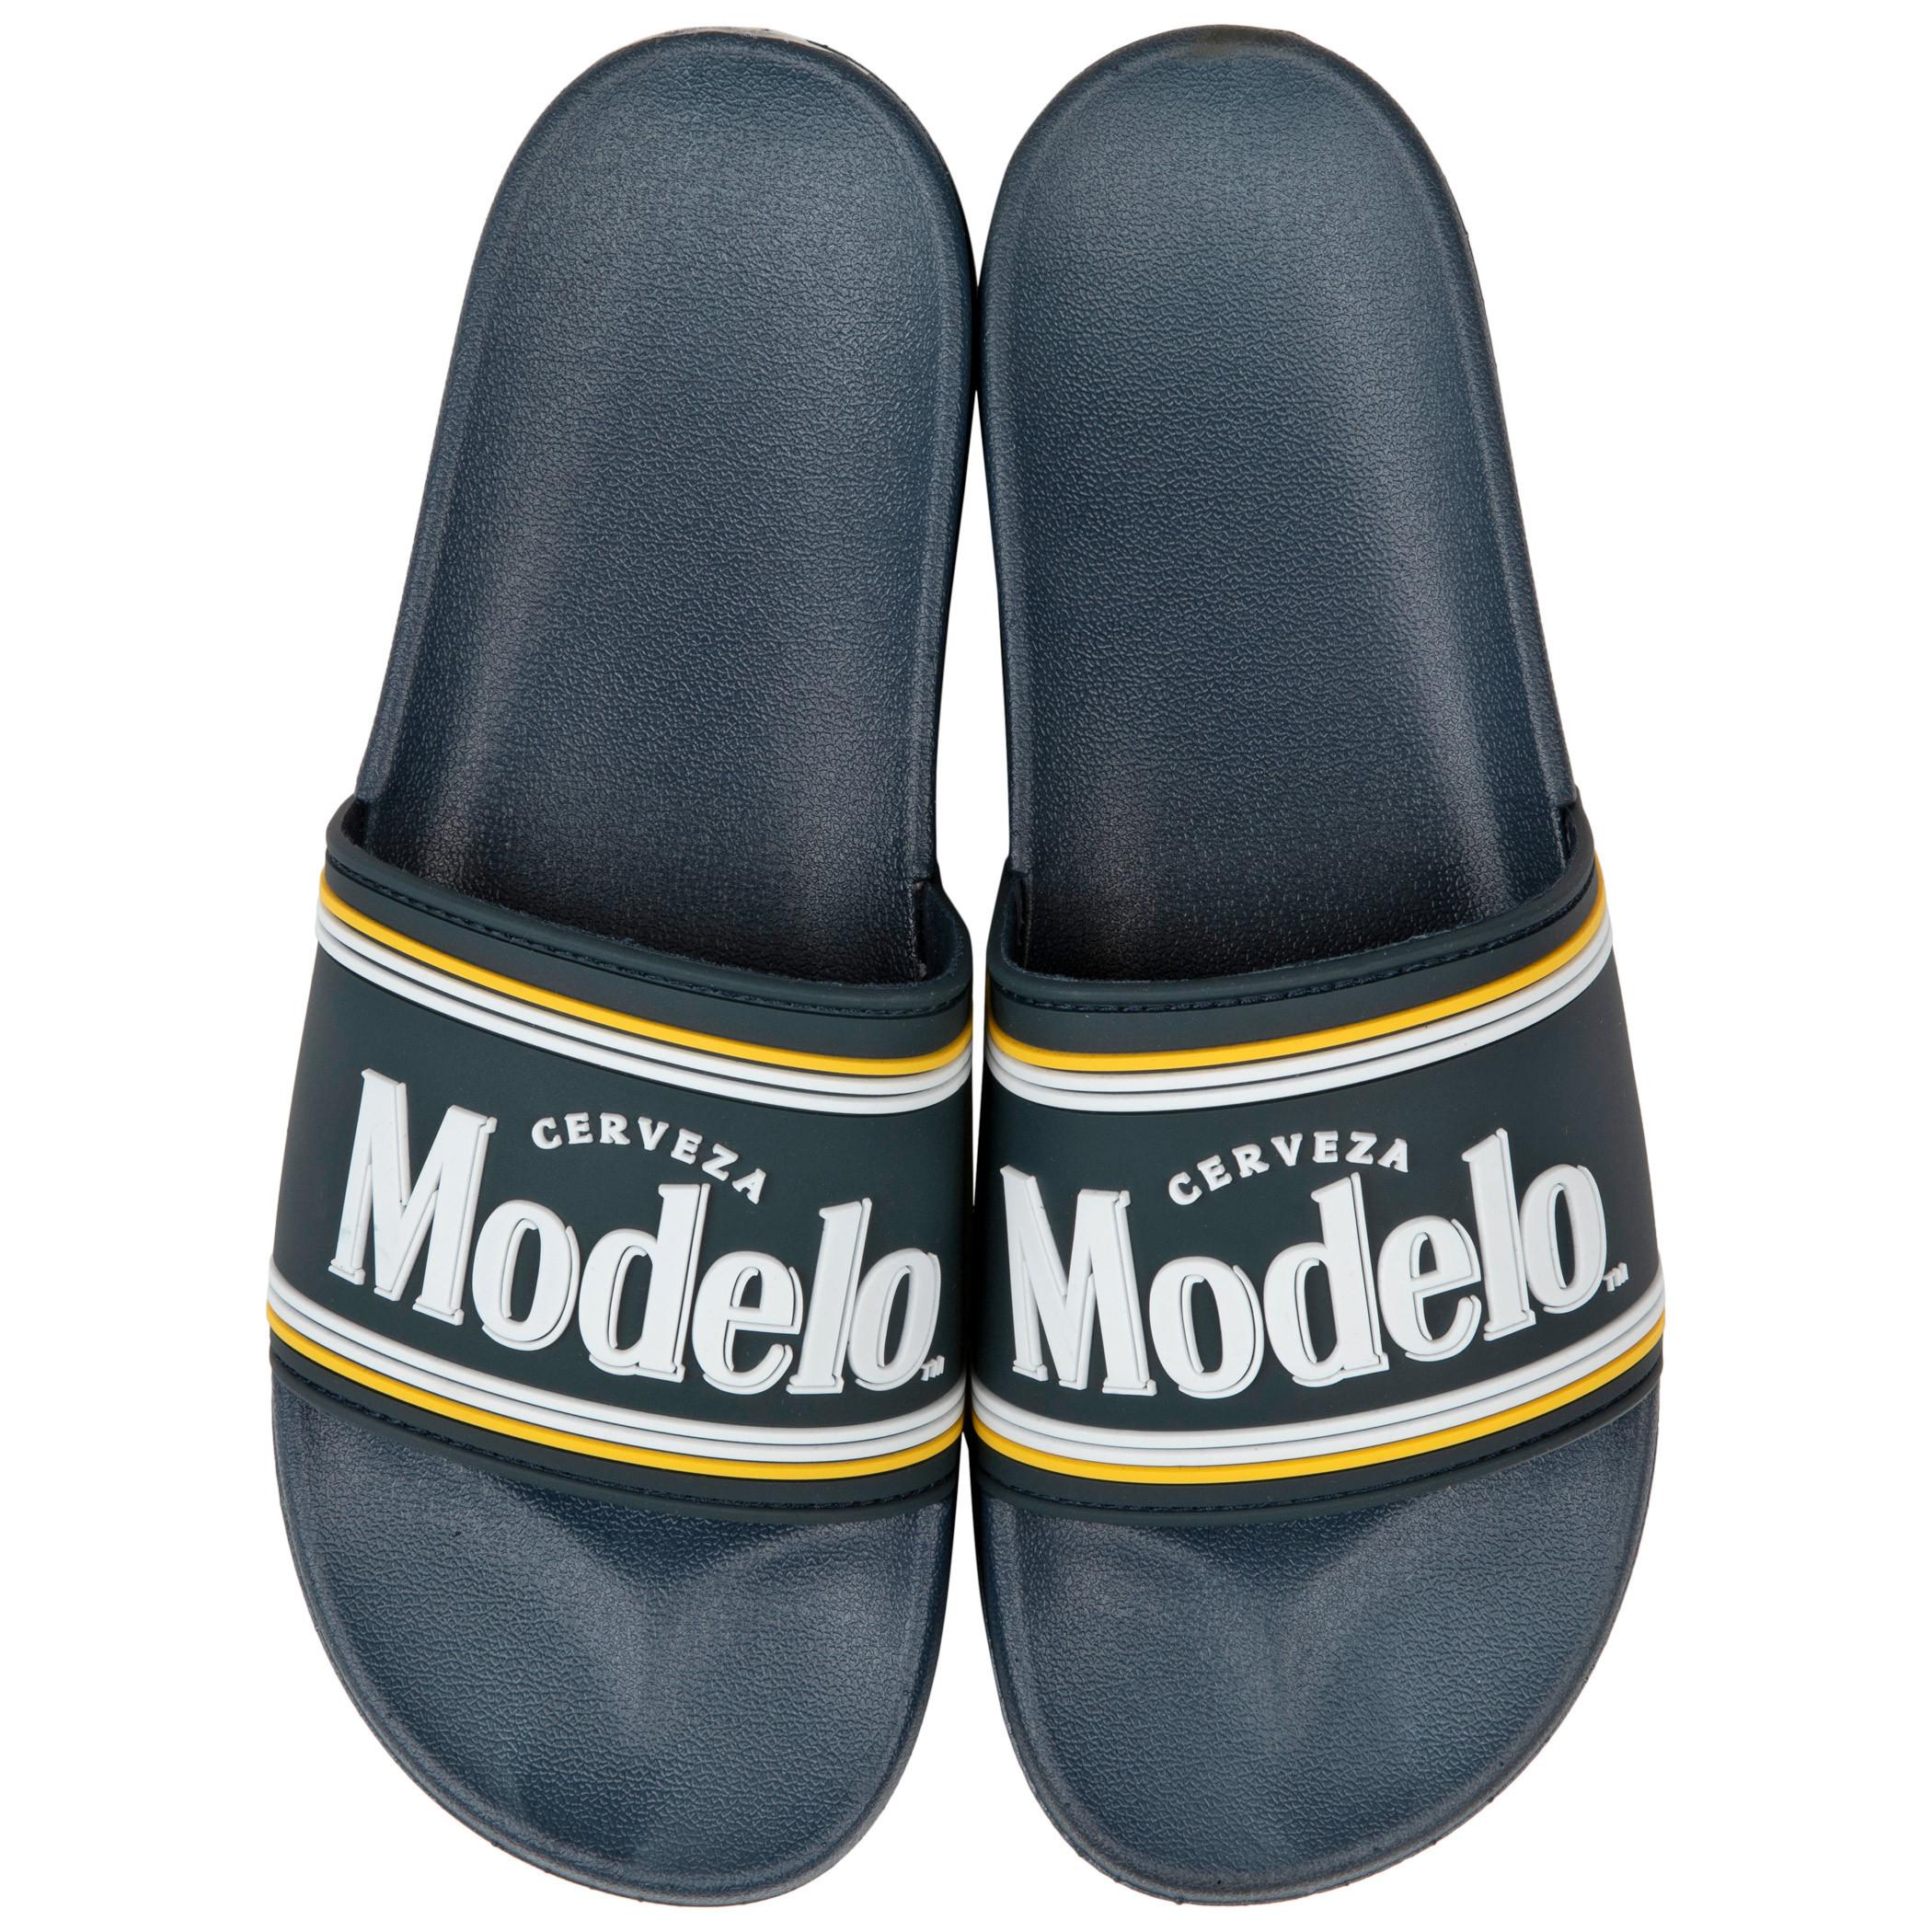 Modelo Especial Brand Sandal Slides